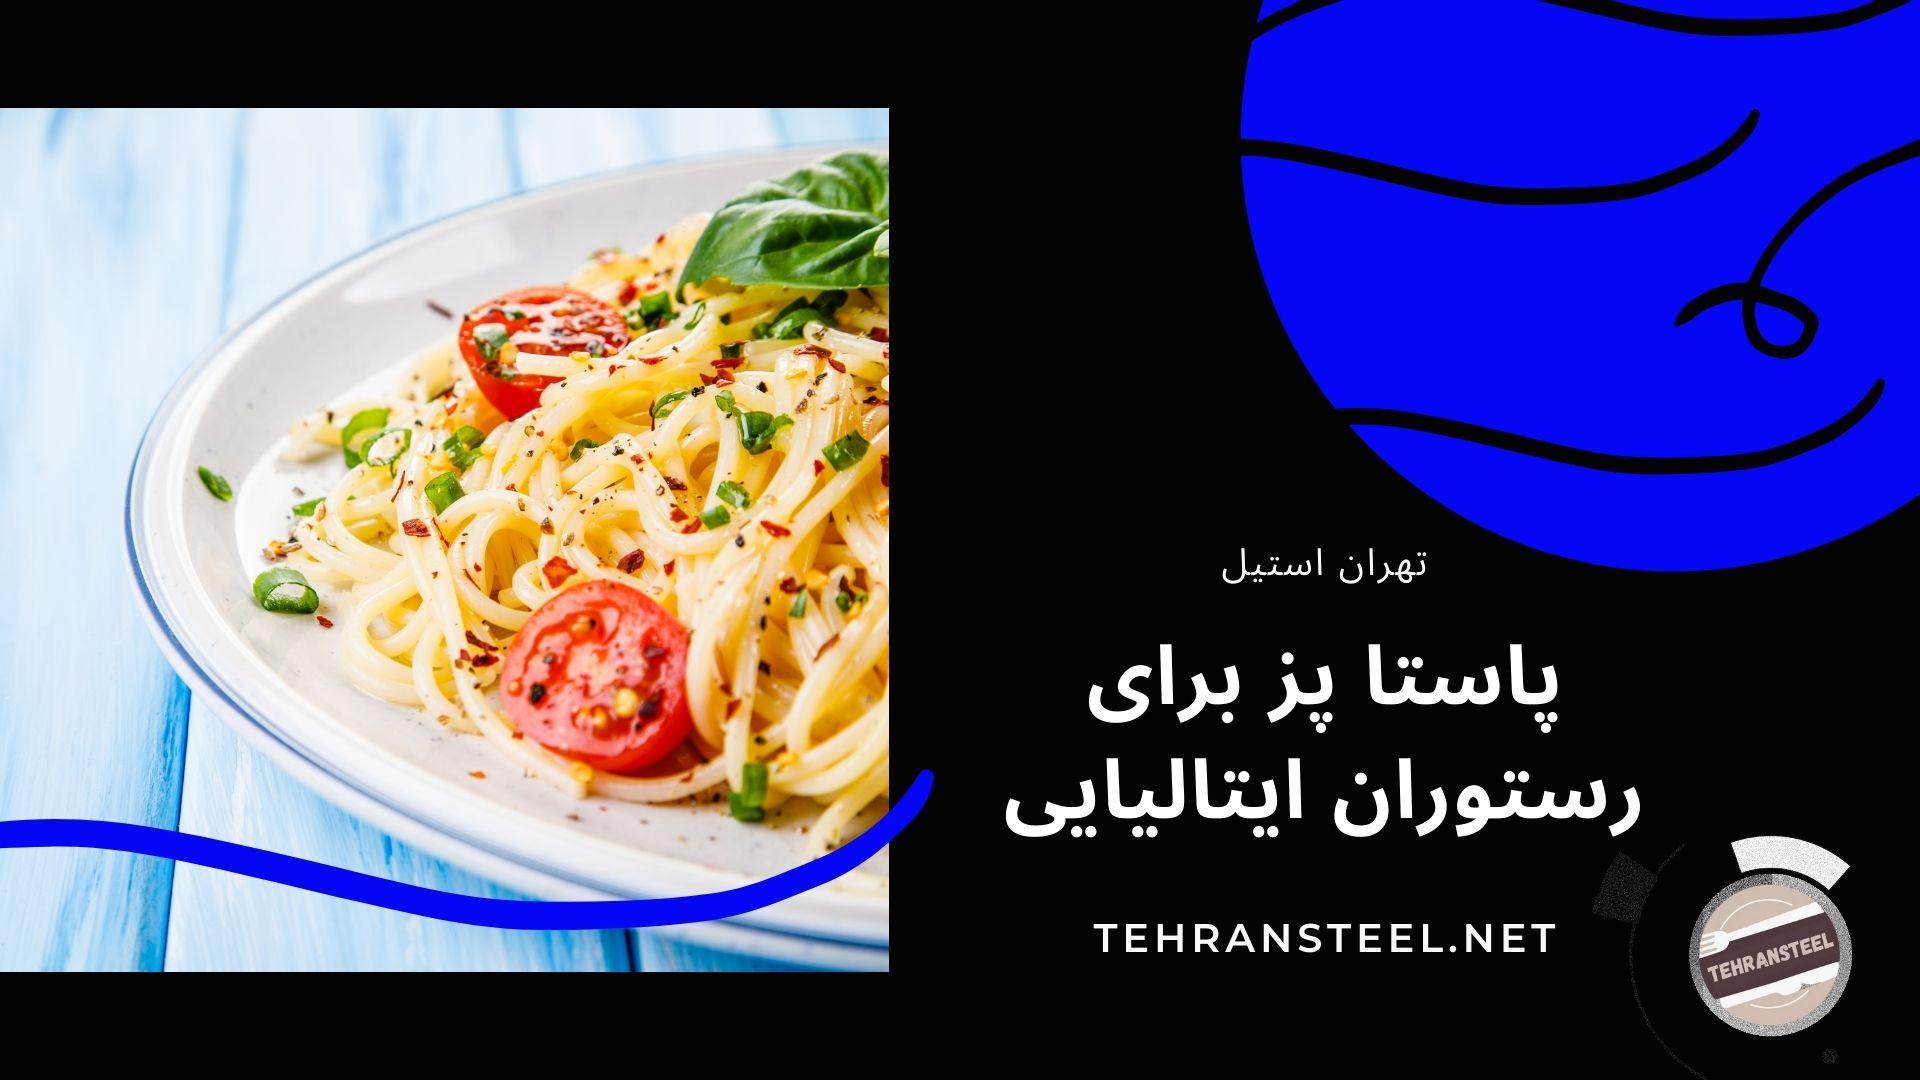 پاستا پز برای رستوران ایتالیایی